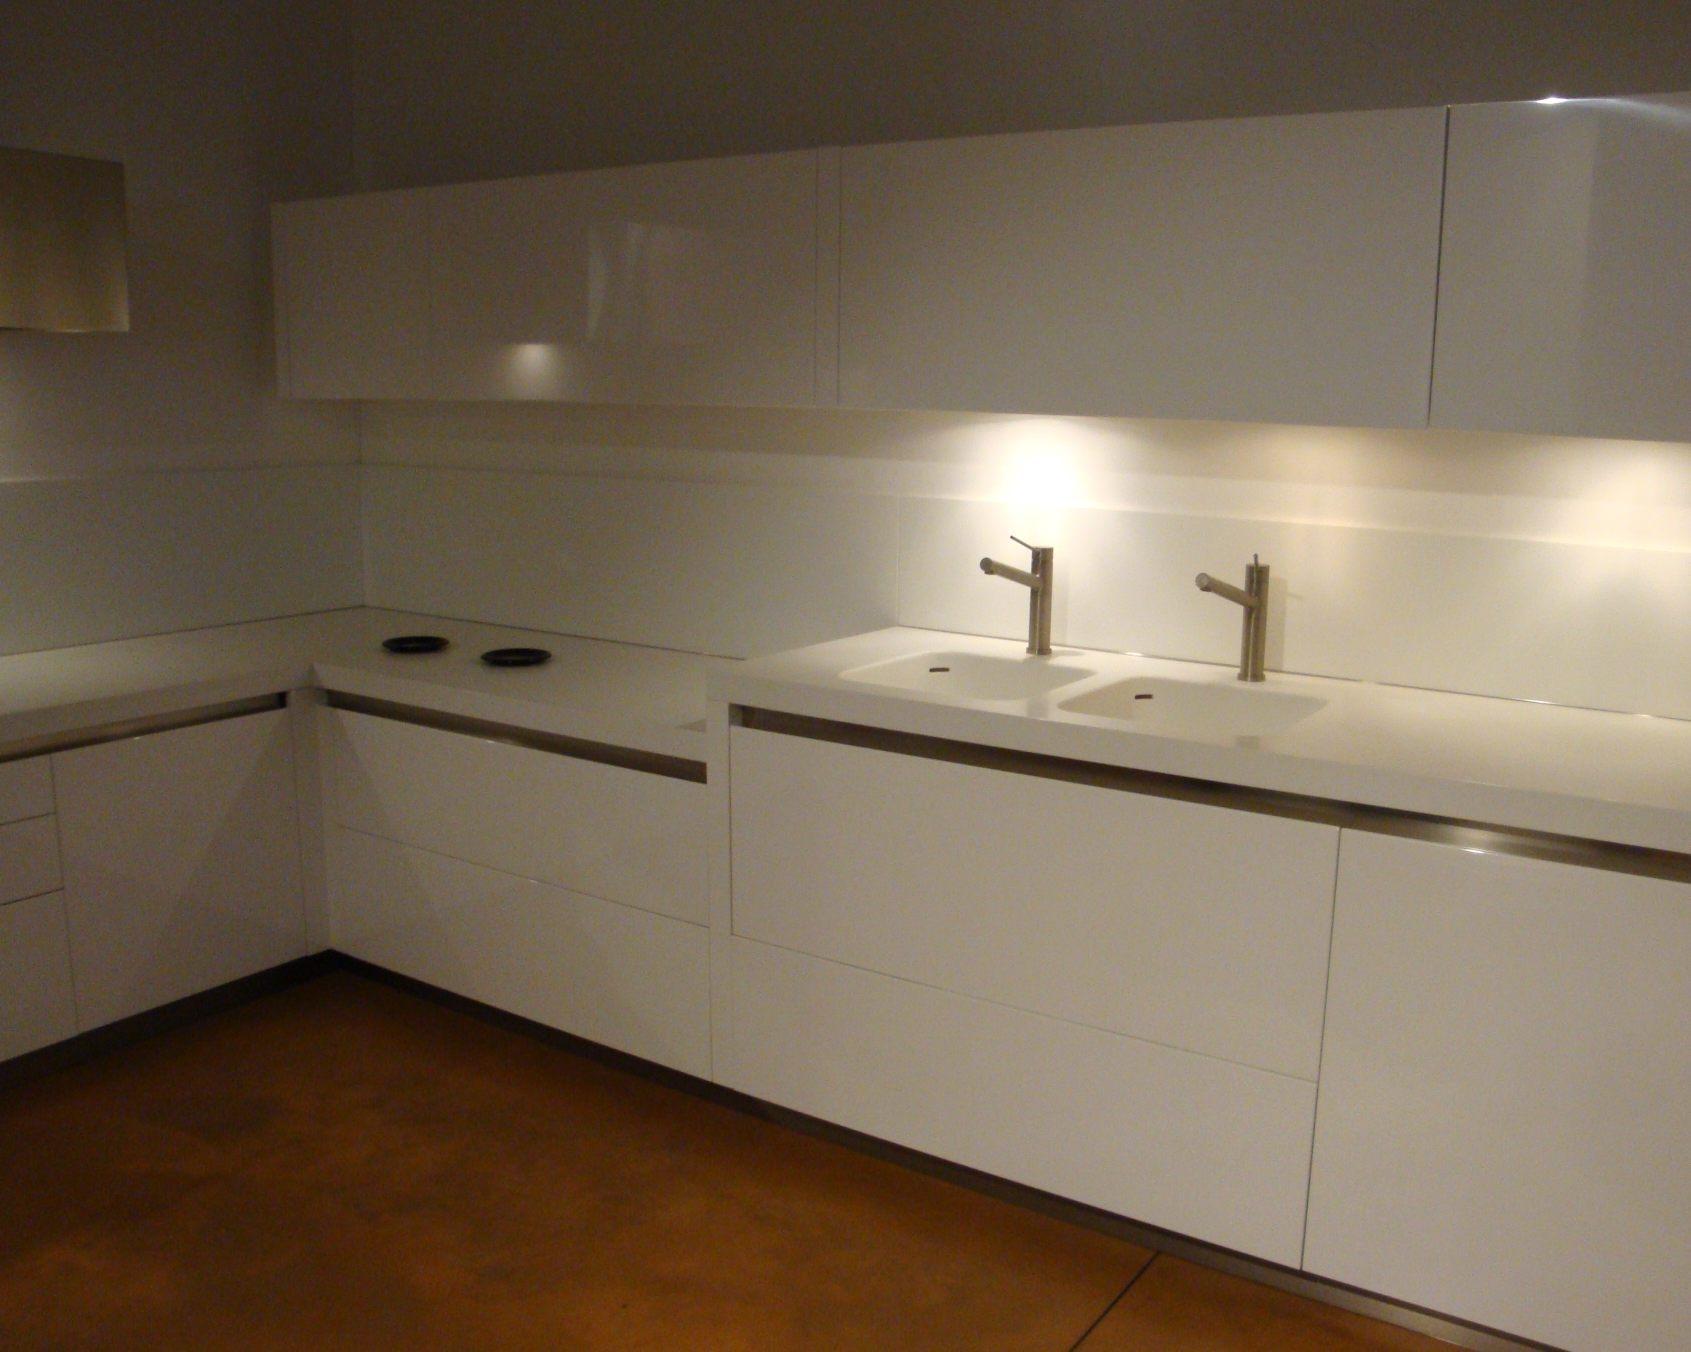 Cucina ad angolo moderna cucine a prezzi scontati - Composizione cucina ad angolo ...